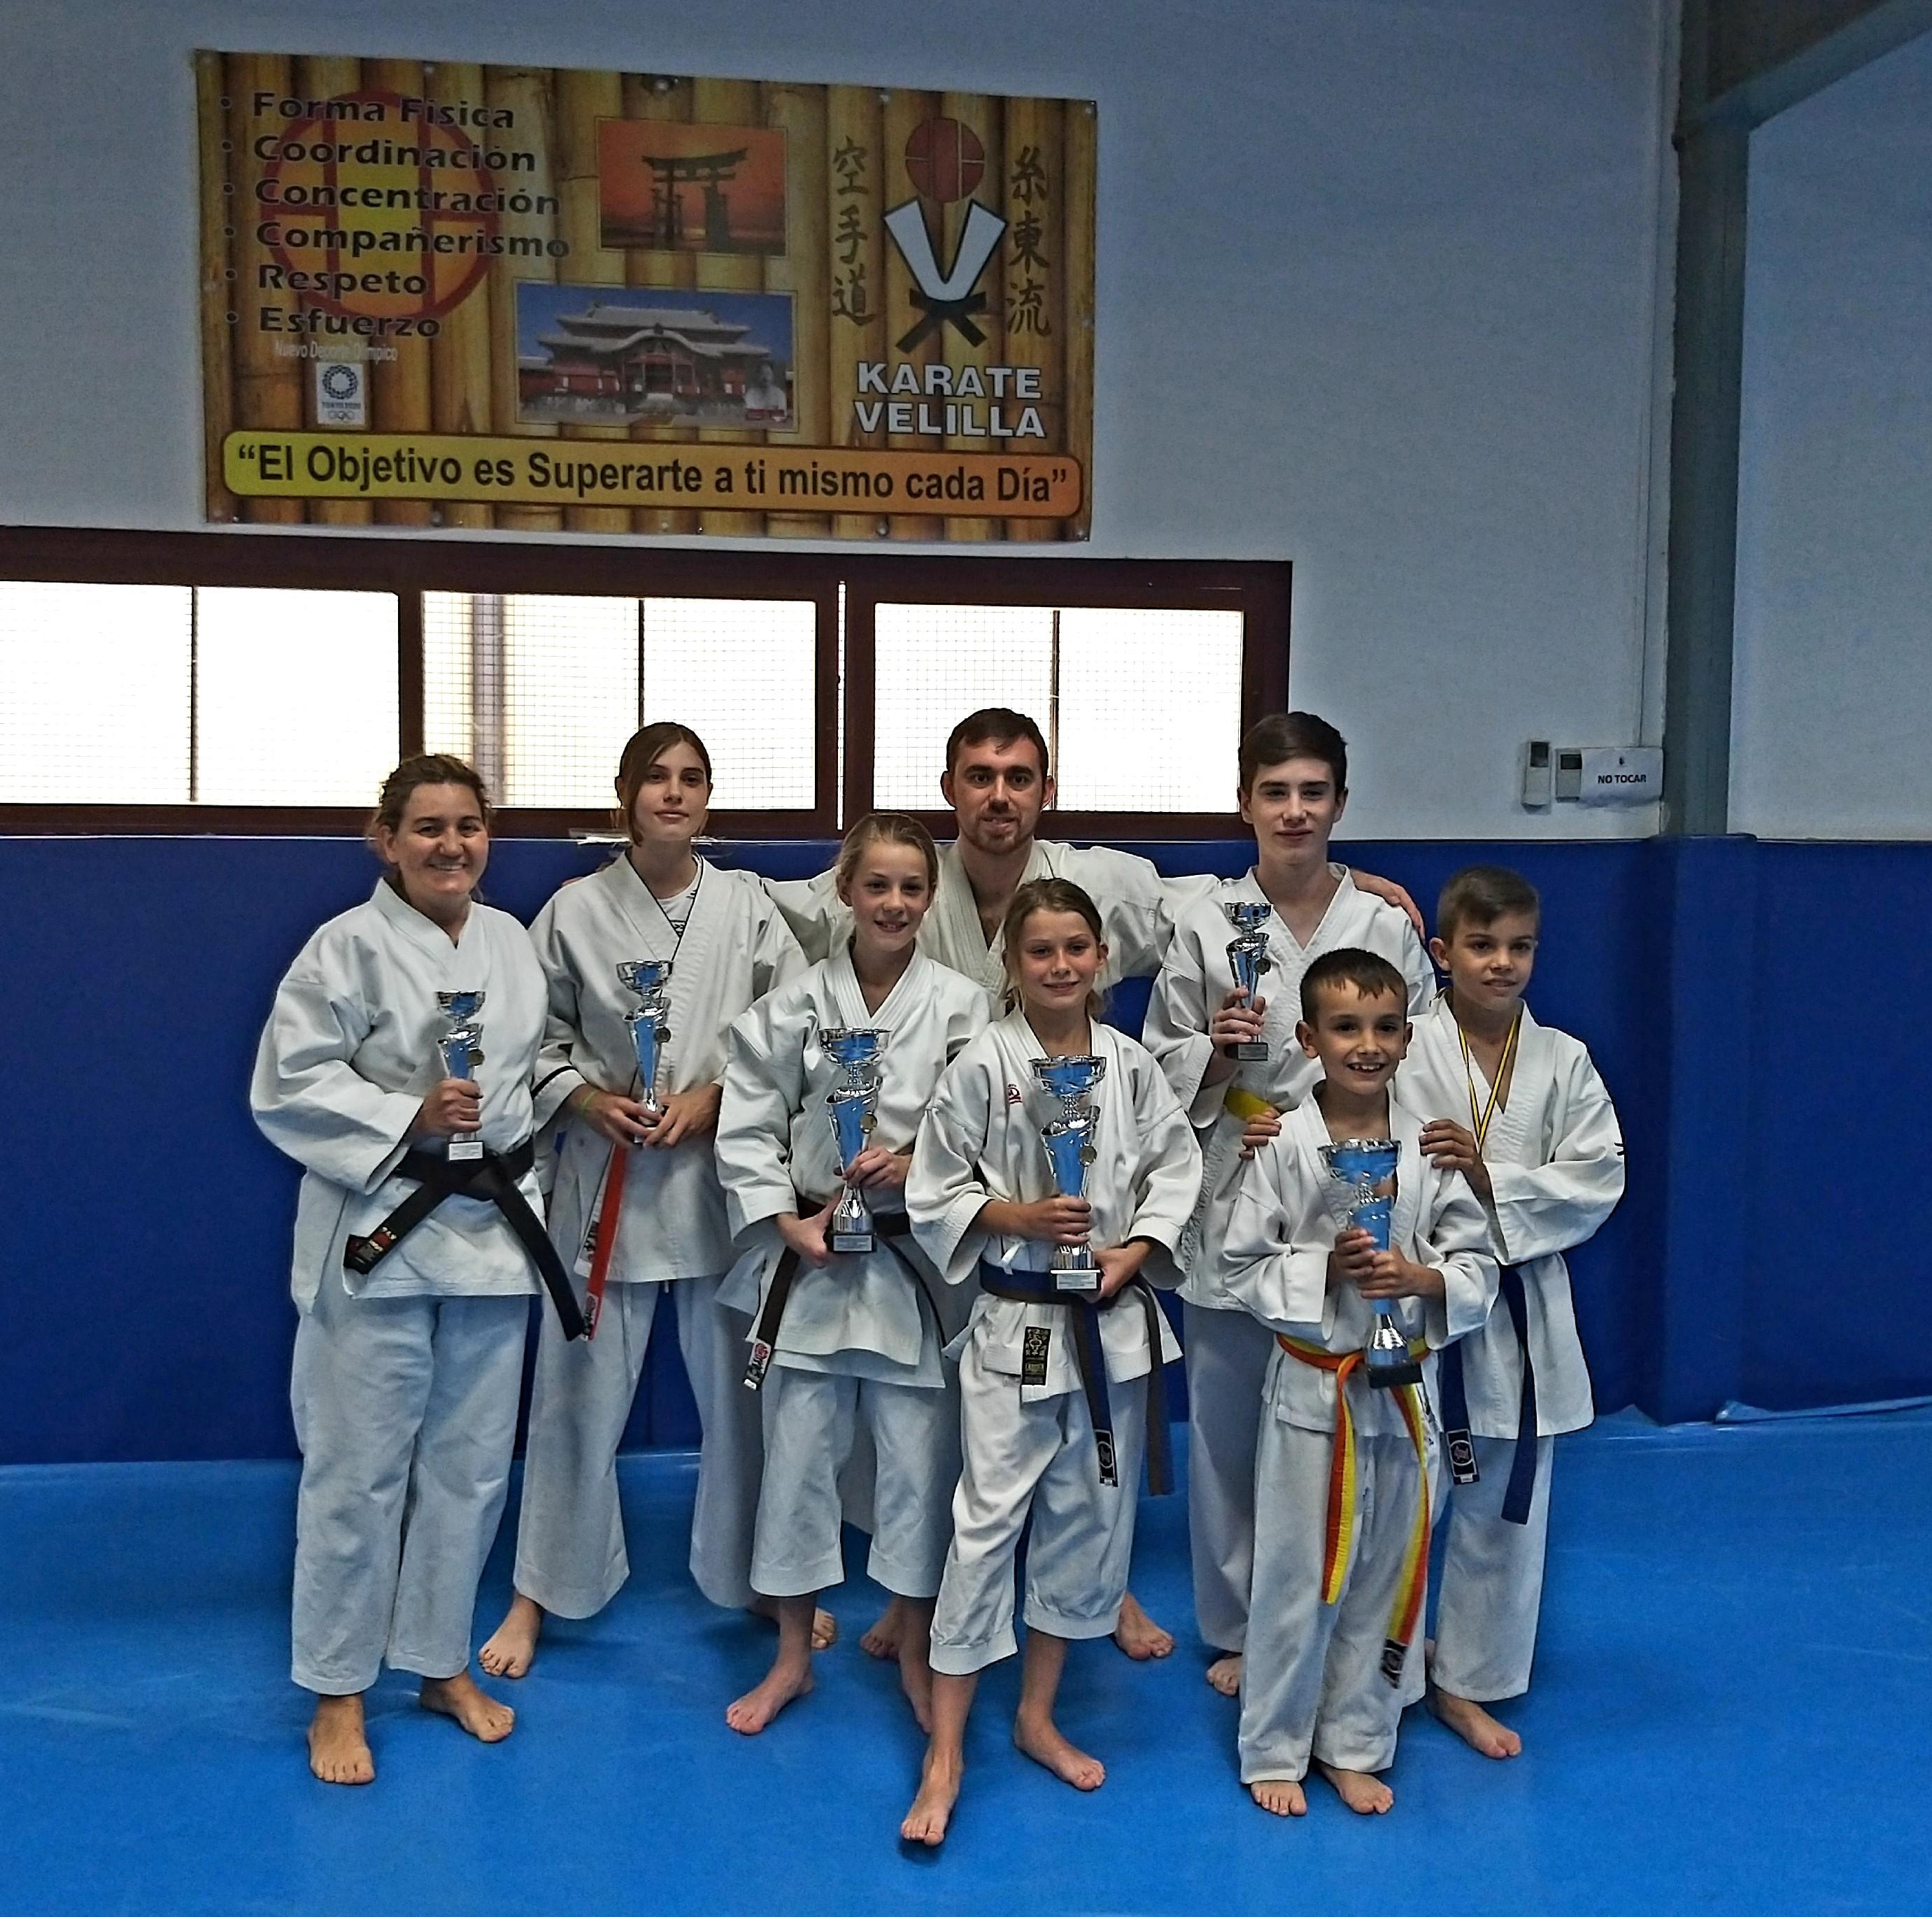 Los karatekas velilleros continúan cosechando éxitos